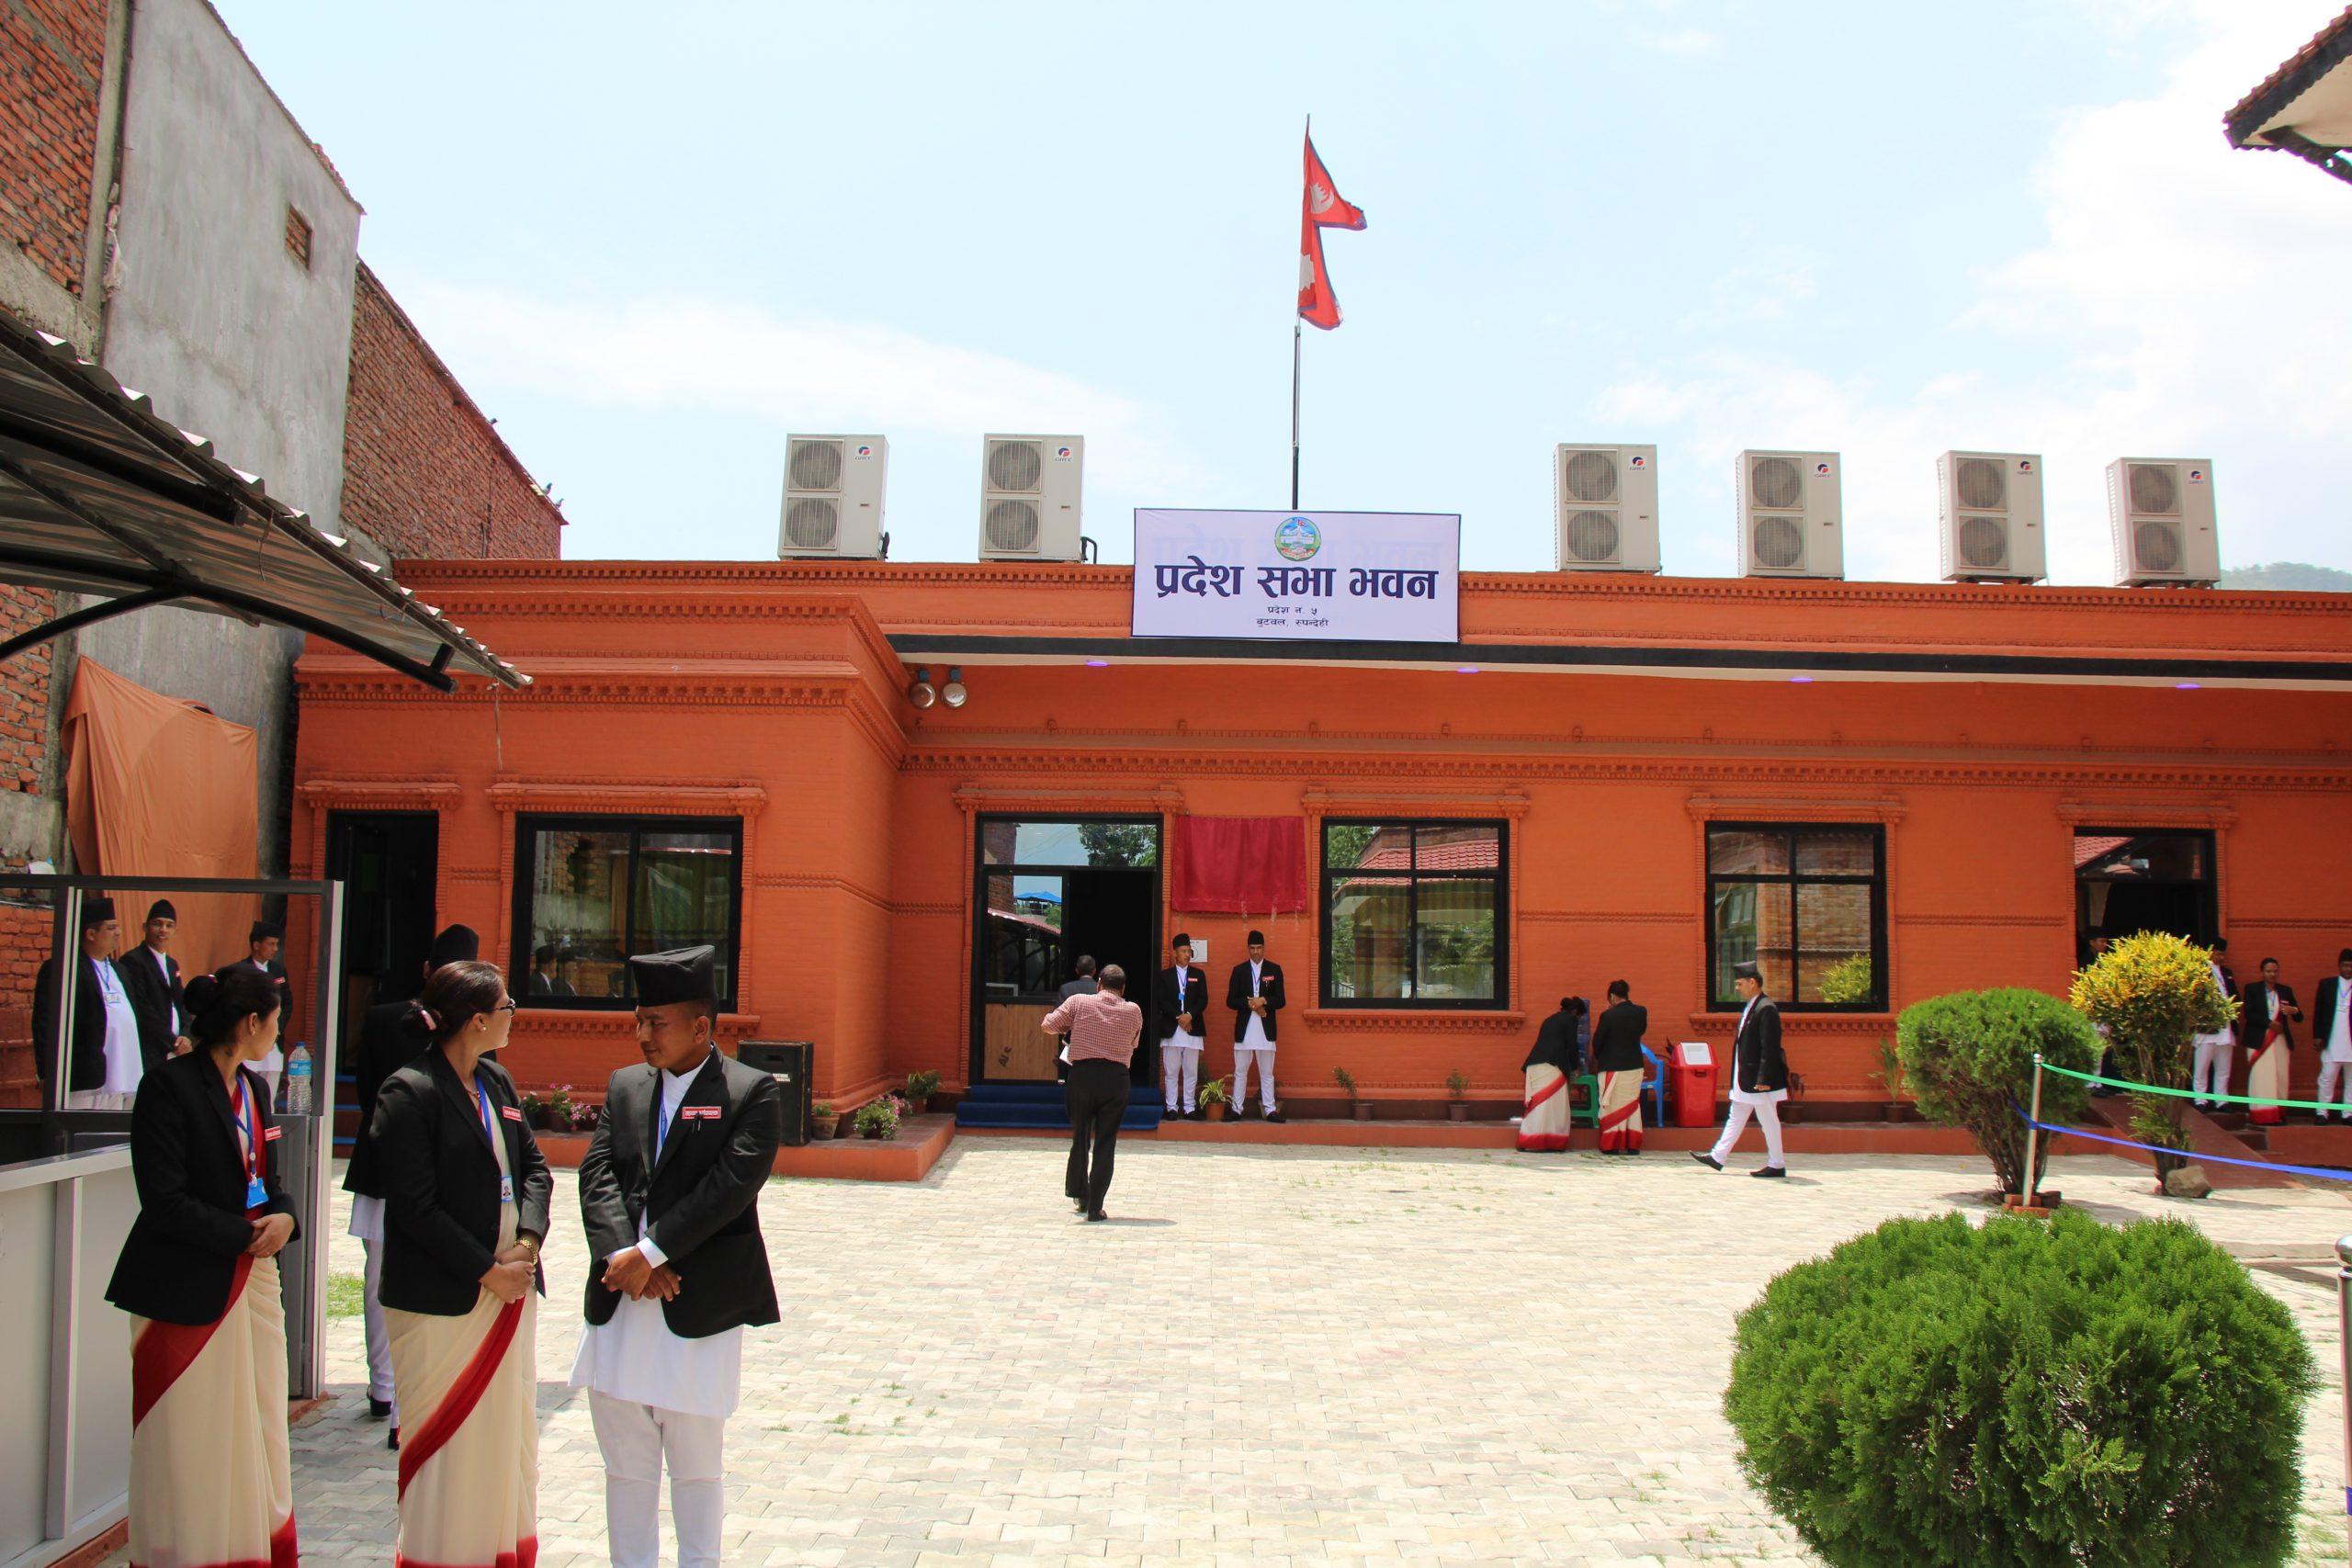 लुम्बिनी प्रदेशसभा बैठक फेरि एक हप्ताका लागि स्थगित